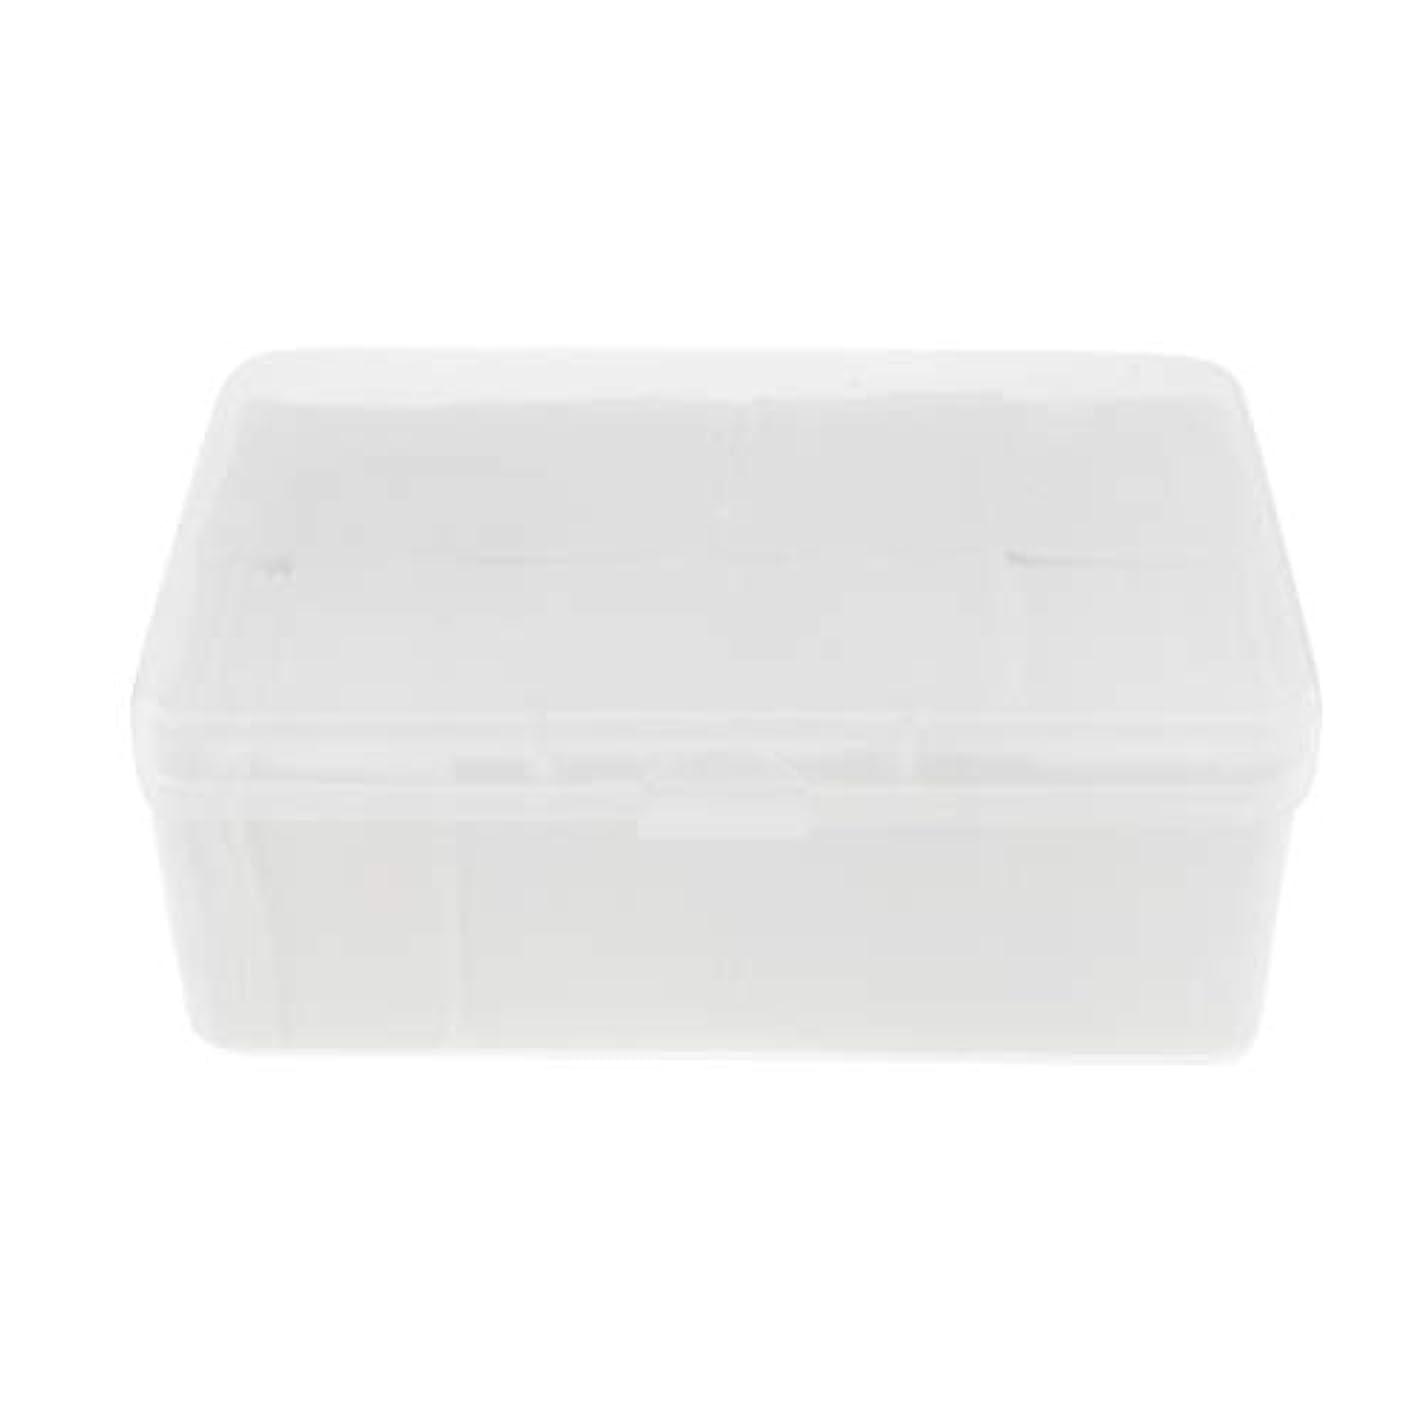 シンプルさ受動的巻き取りPerfeclan 約1000枚 メイクリムーバー綿パッド メイクアップ リムーバー コットンパッド 化粧品 パフ 薄手 顔用